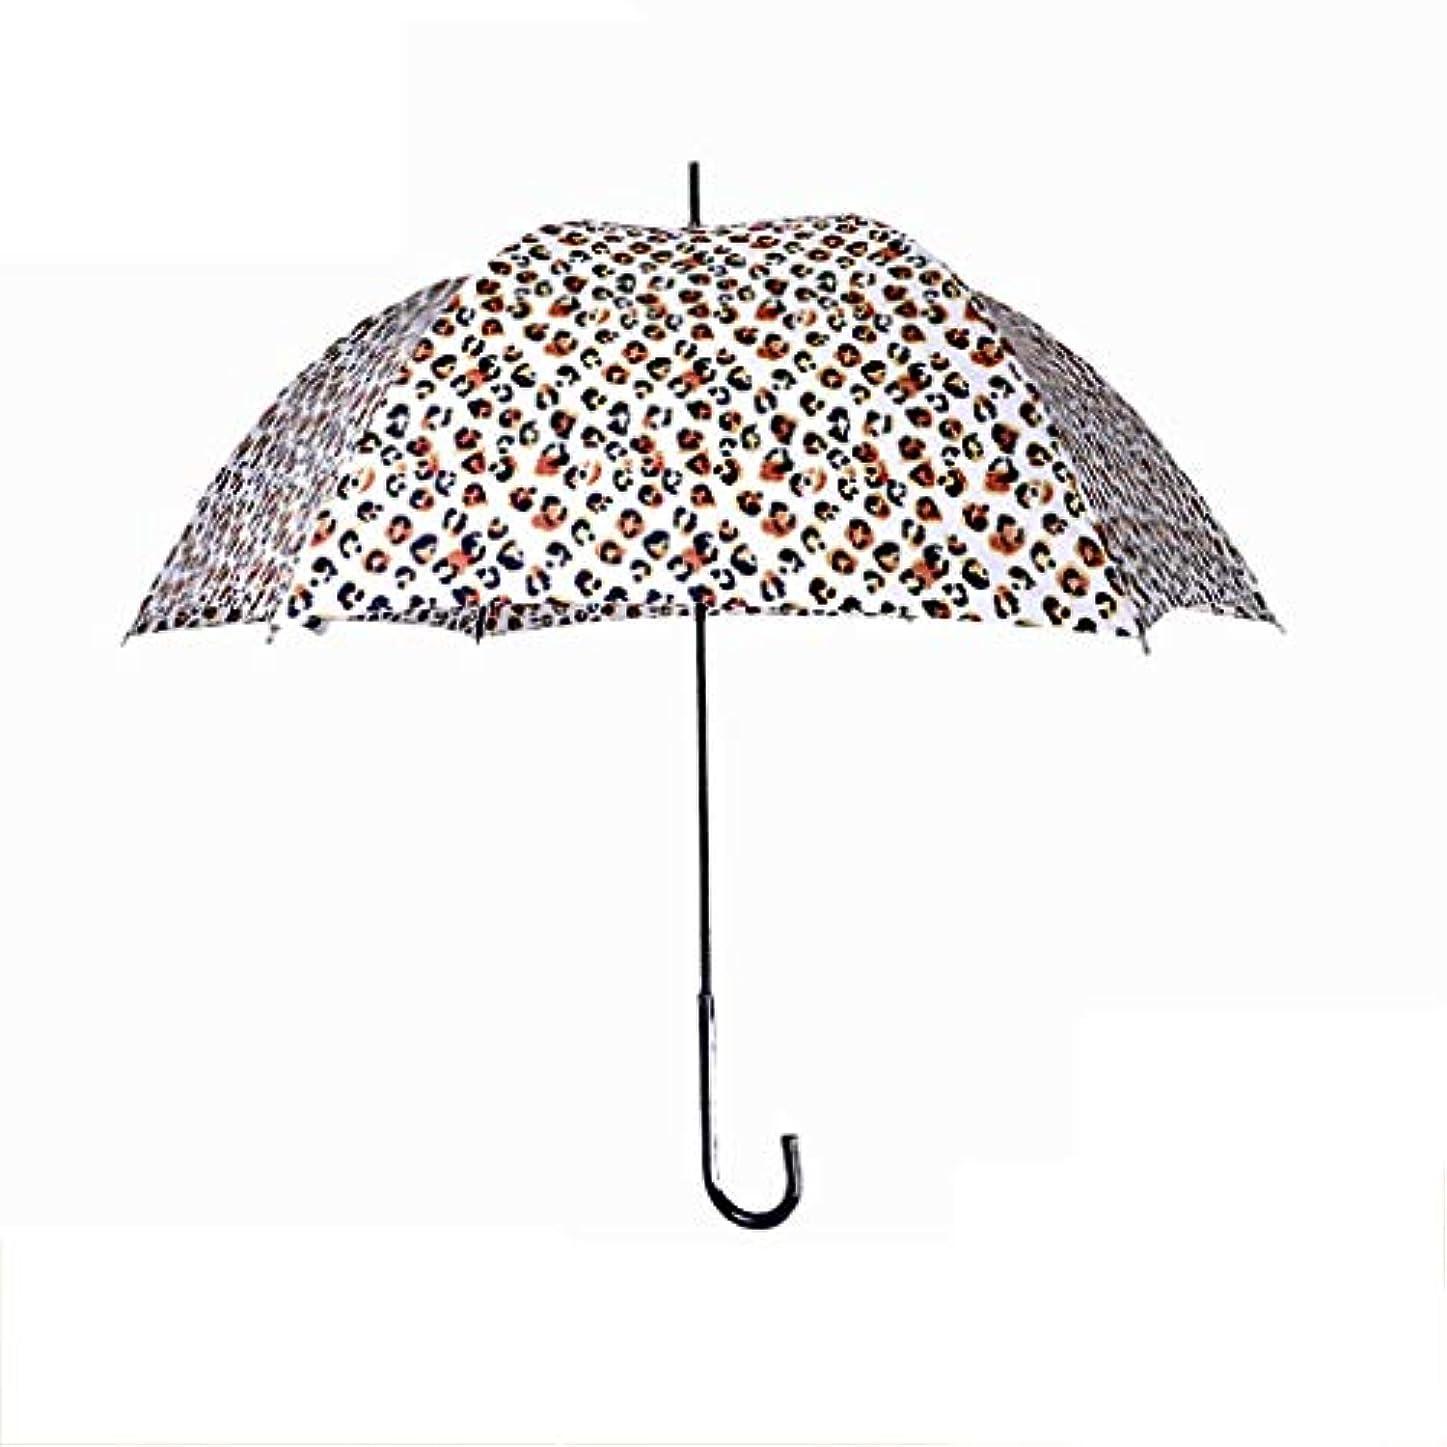 優れました小間肘ロングハンドル傘傘紫外線保護日焼け止め傘日傘スリムディープアーク傘ヨーロッパとアメリカのテクスチャ (色 : D)